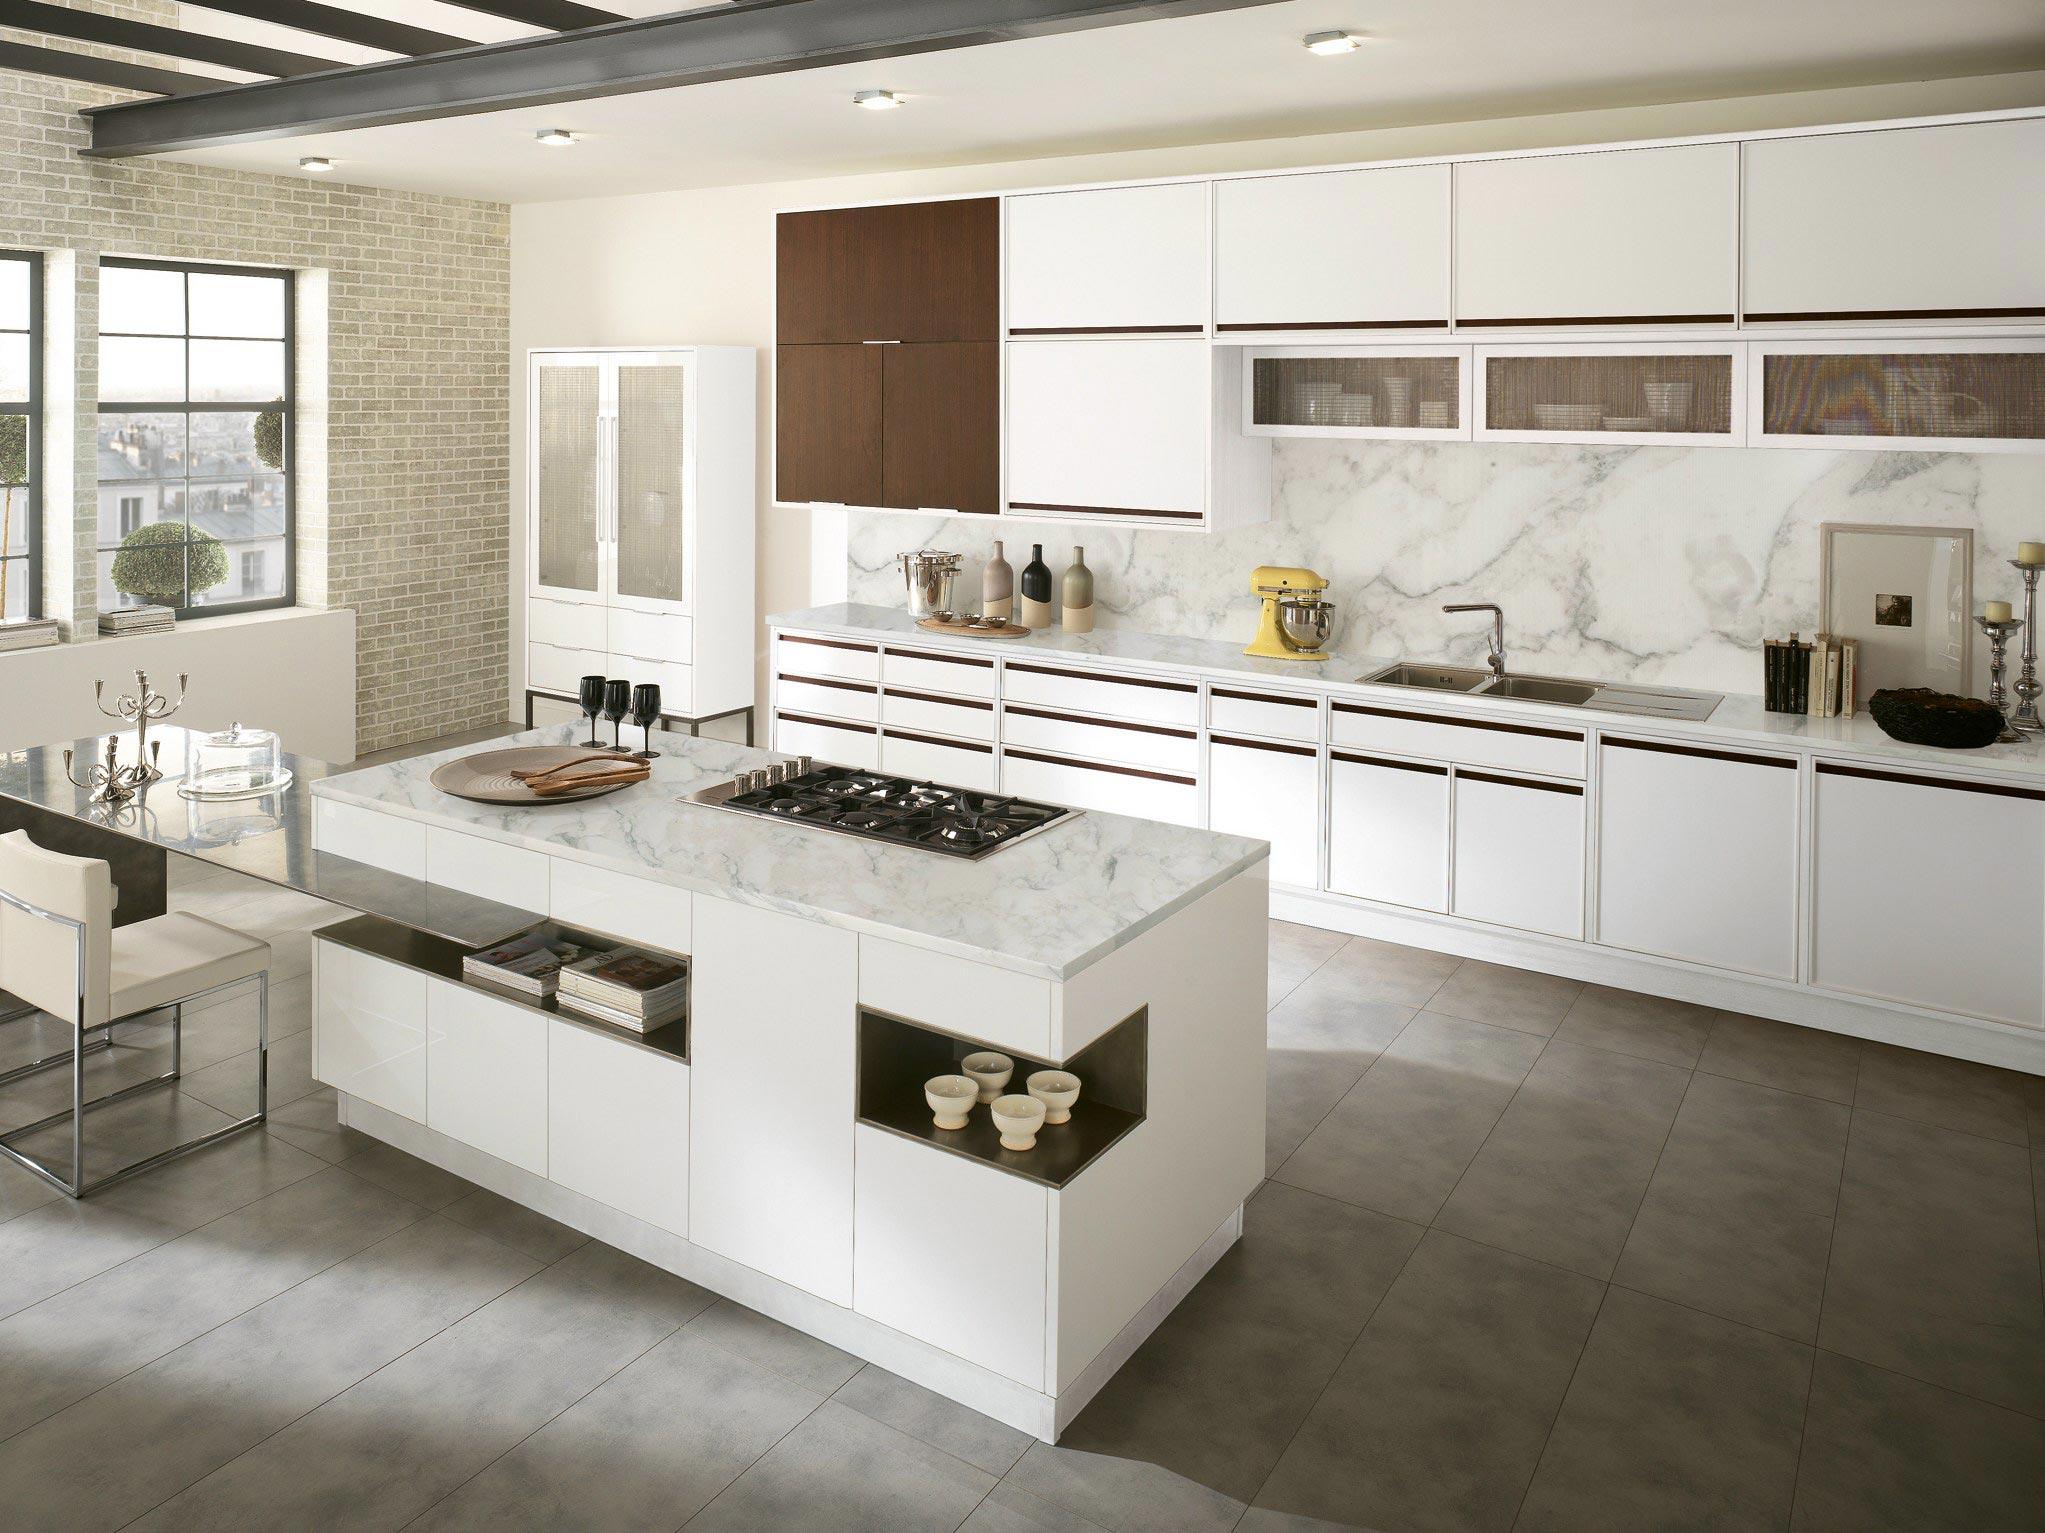 Cozinhas Modernas Com Divis Rias Cozinhas Decoradas ~ Divisoria Para Cozinha E Sala